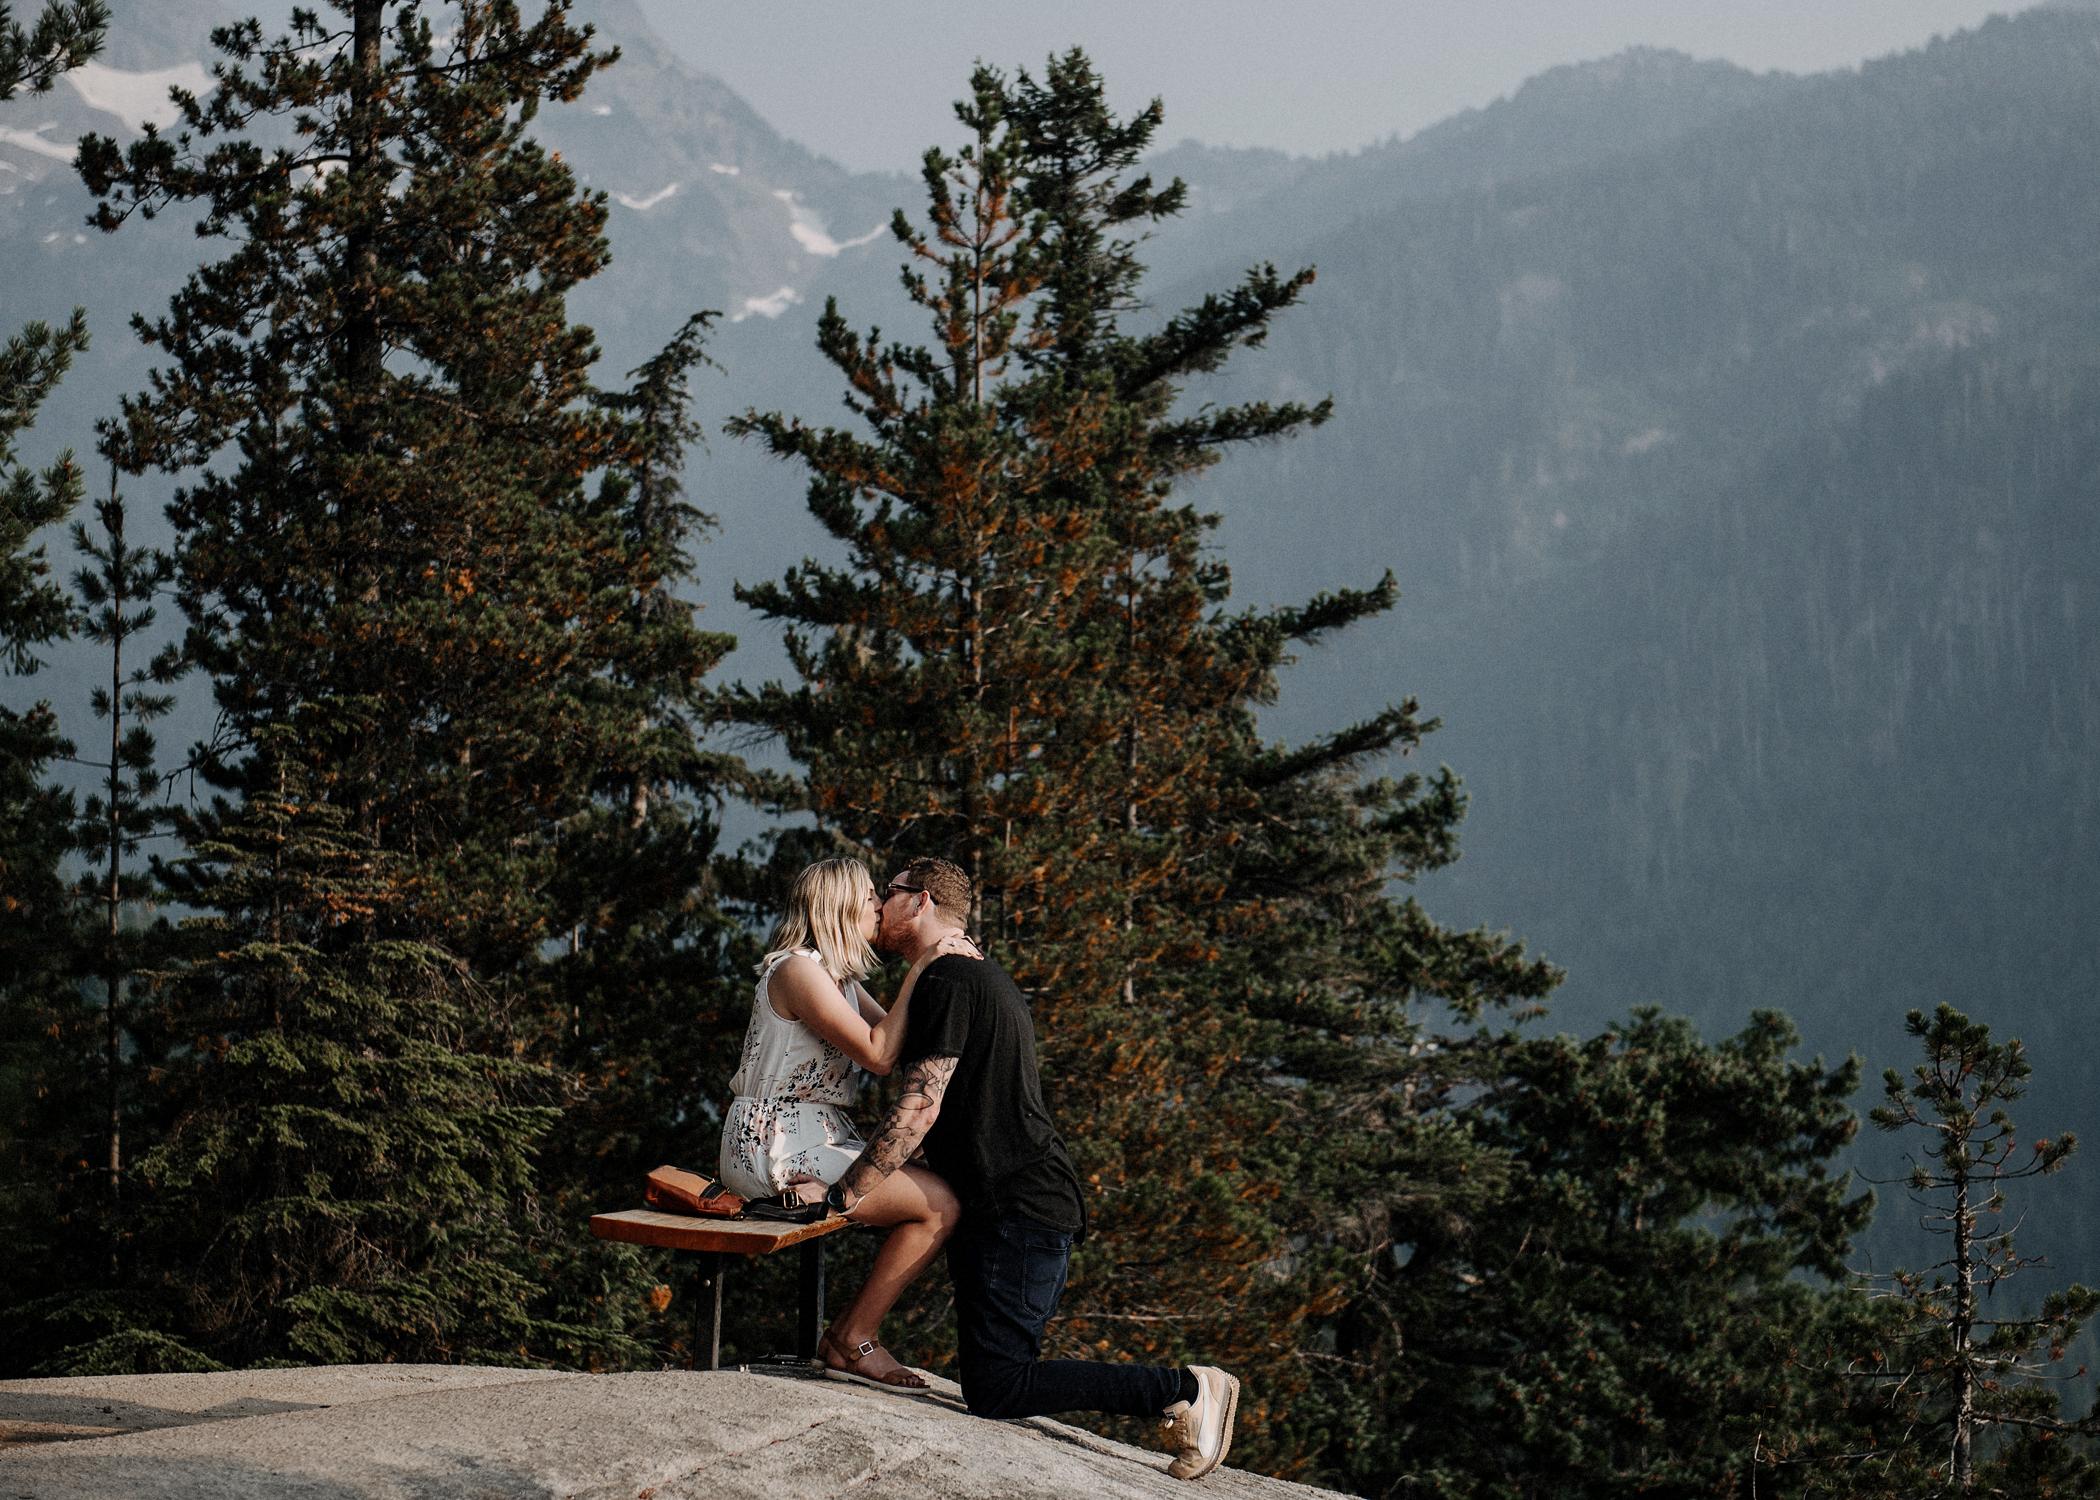 005-kaoverii-silva-HJ-prewedding-vancouver-photography-proposal-blog.png